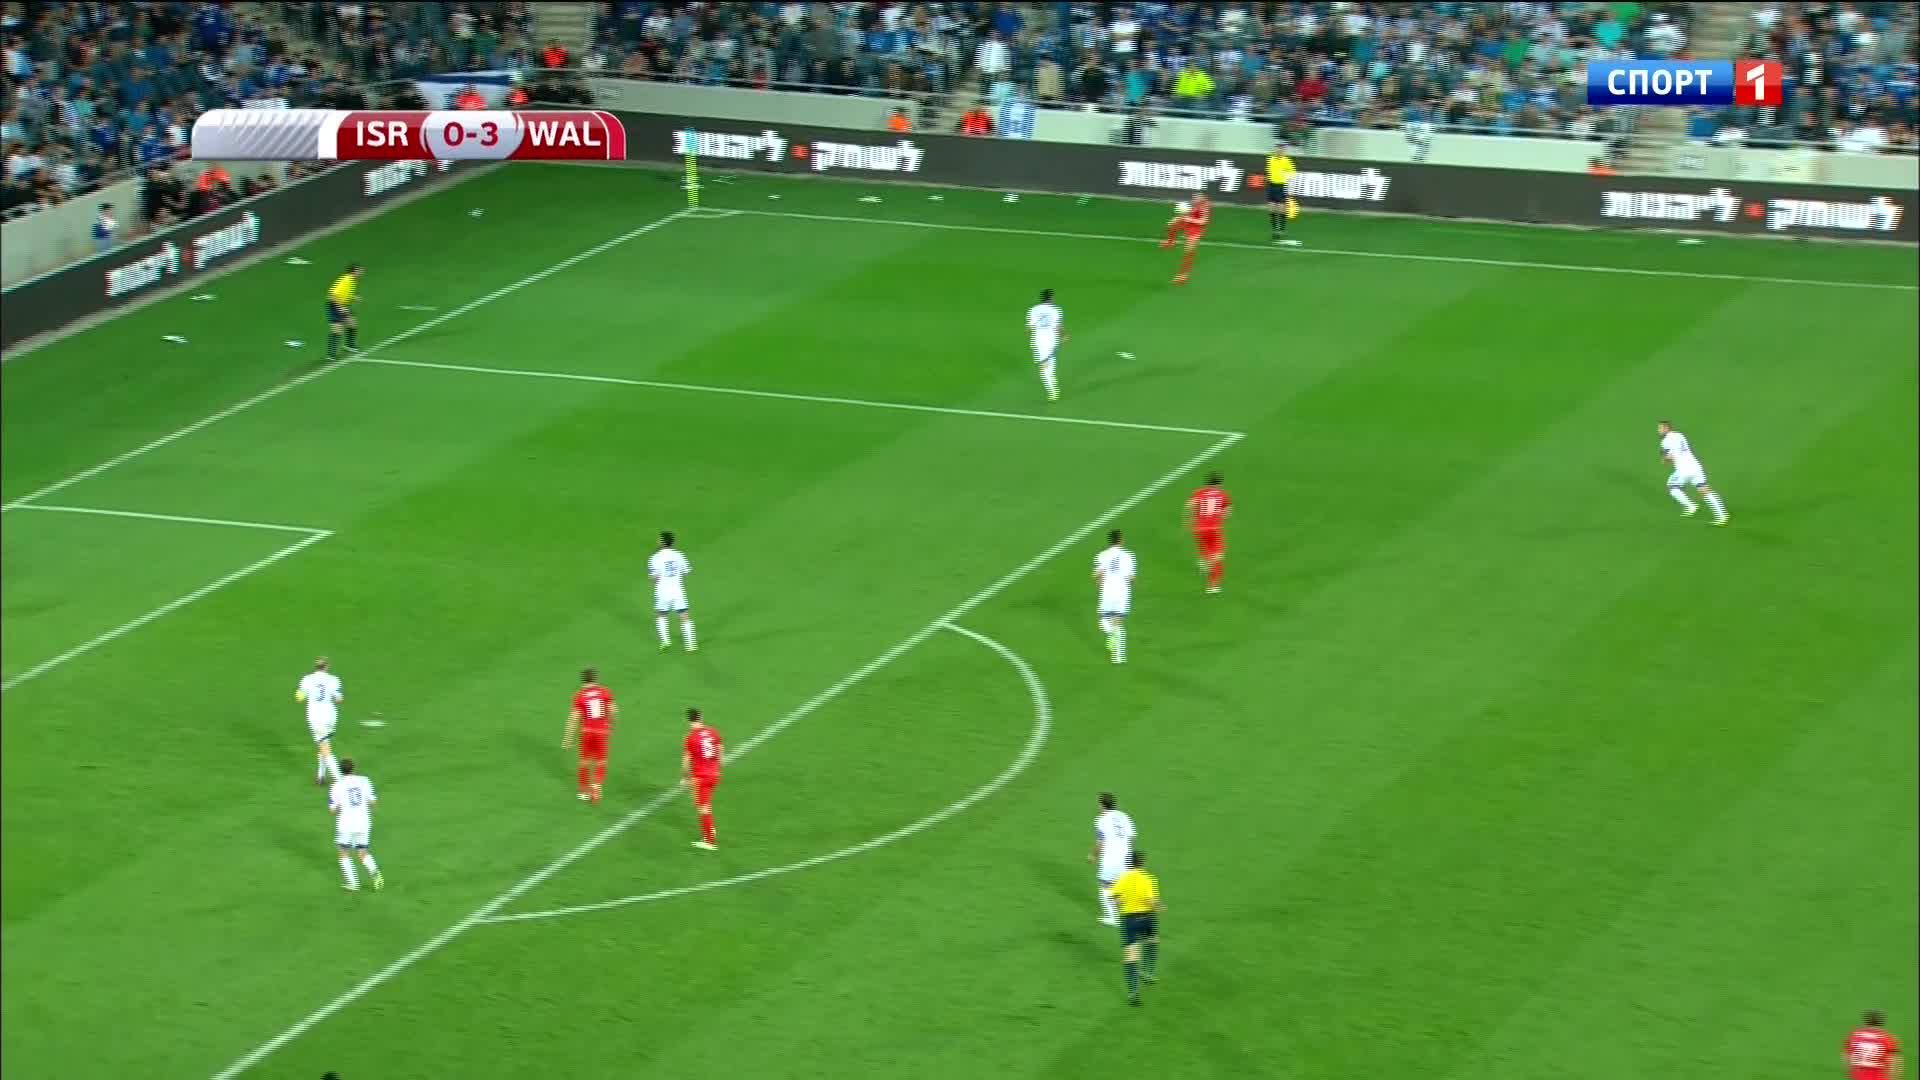 http://rgfootball.tv/media/up/142762199033.jpg